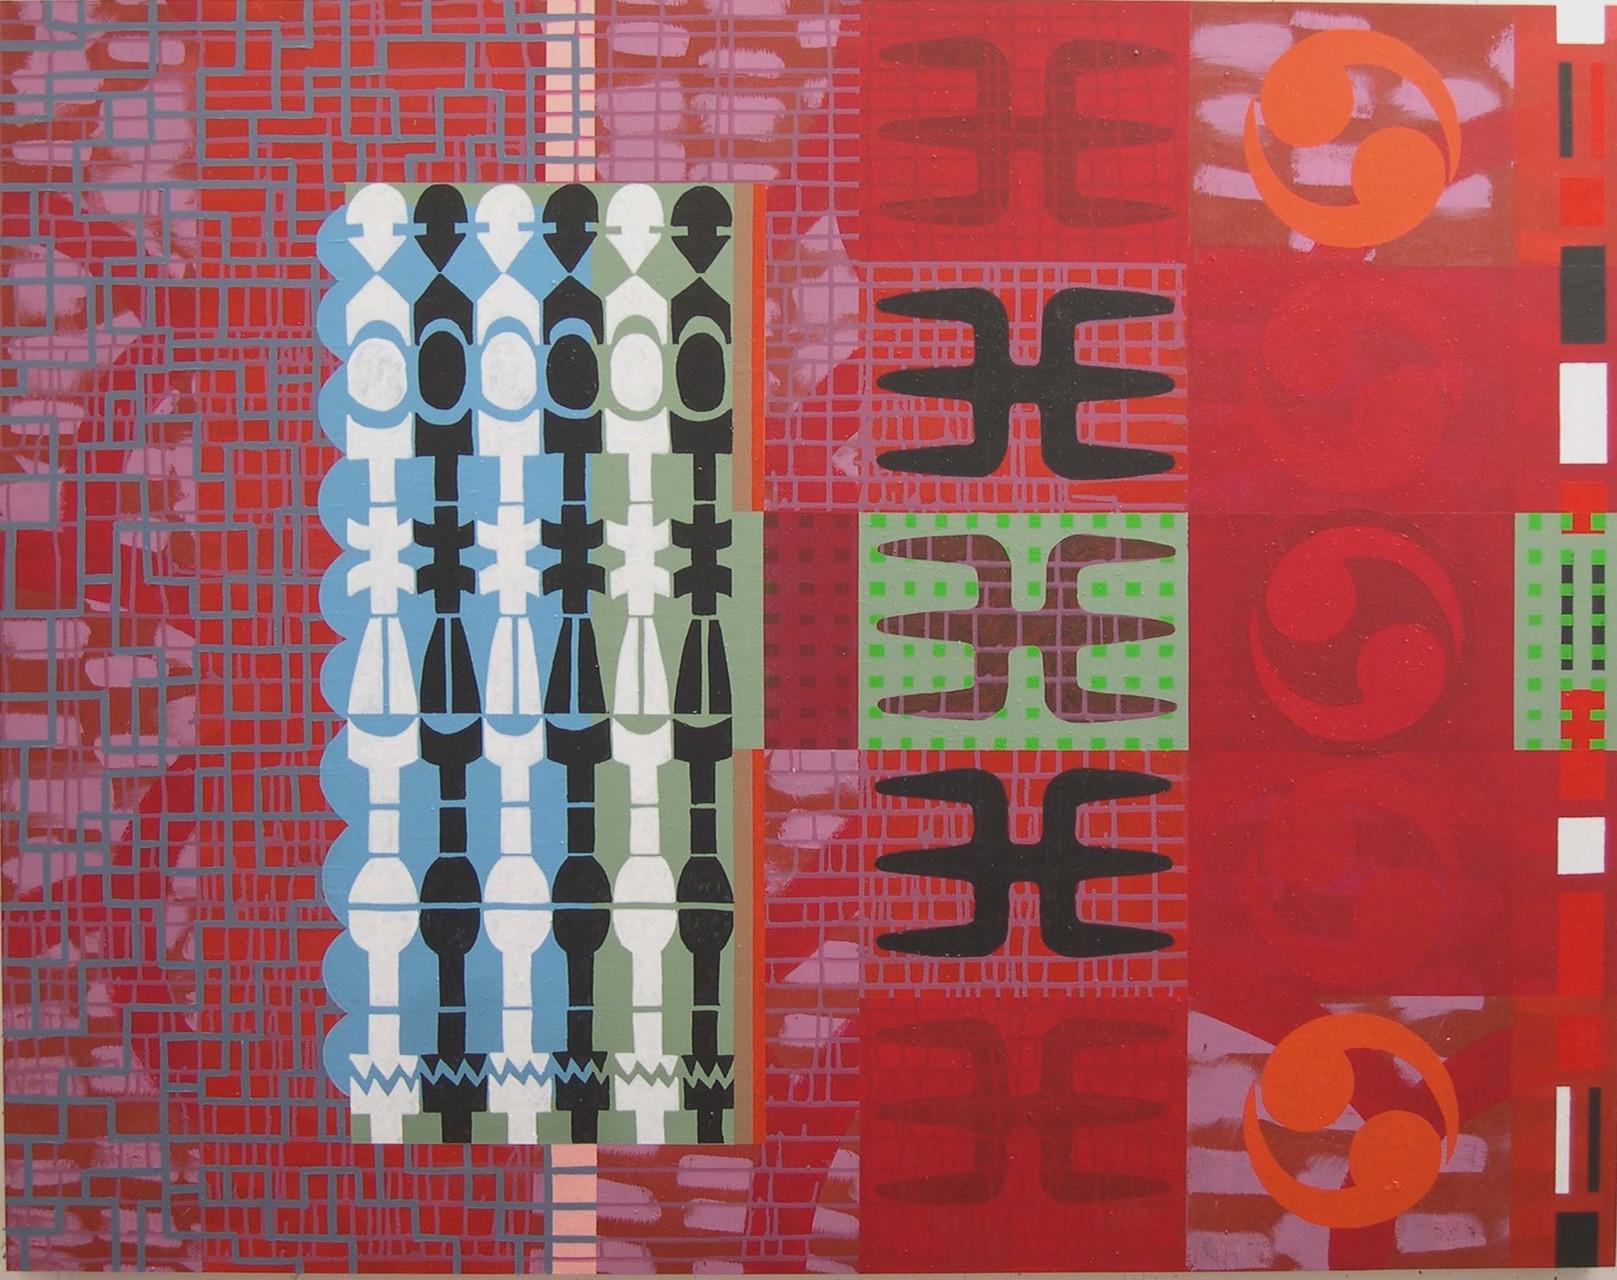 SELLOS Y TABLA SOBRE ENLACES. Acrílico sobre madera. 114x146. 2004